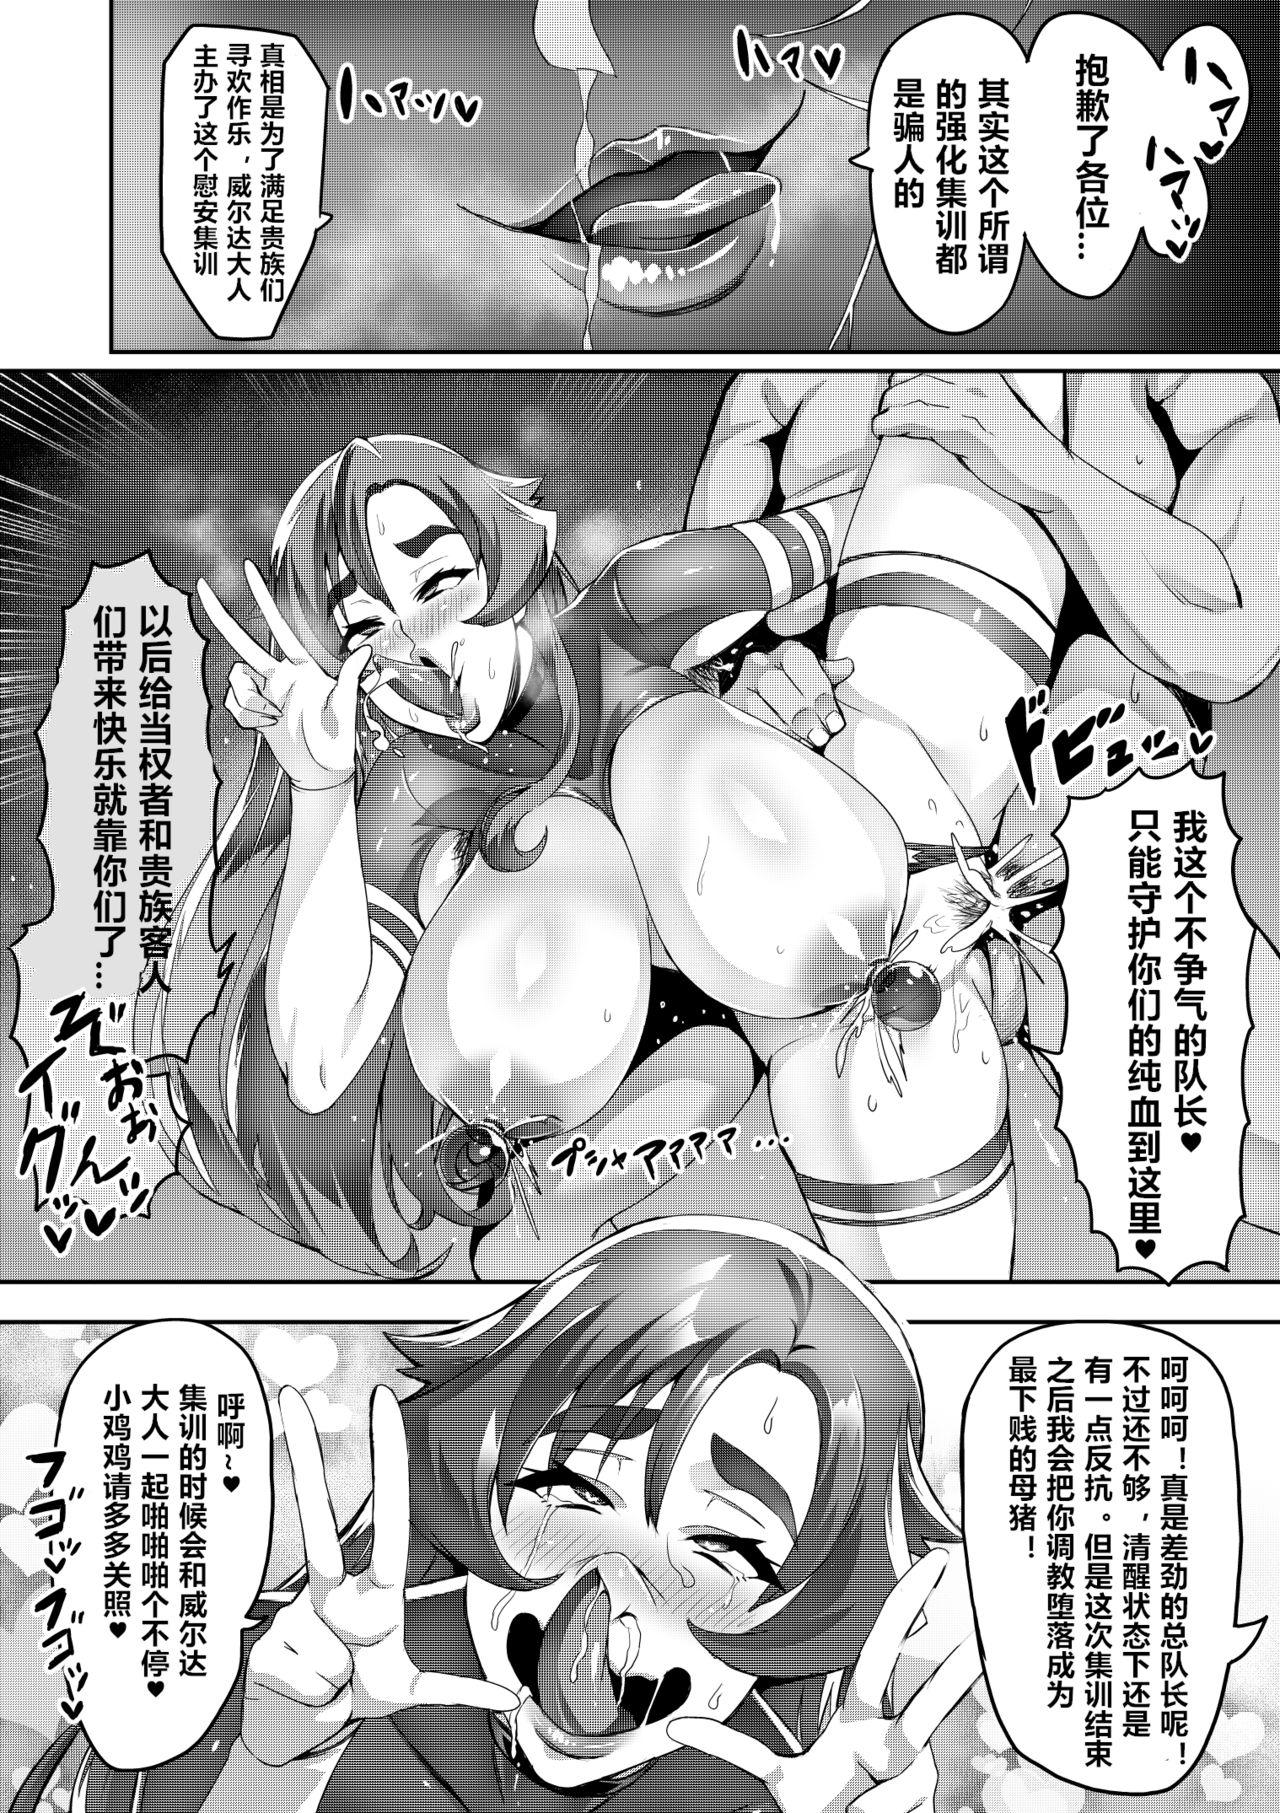 Touma Senki Cecilia 7-8(Chinese) 25